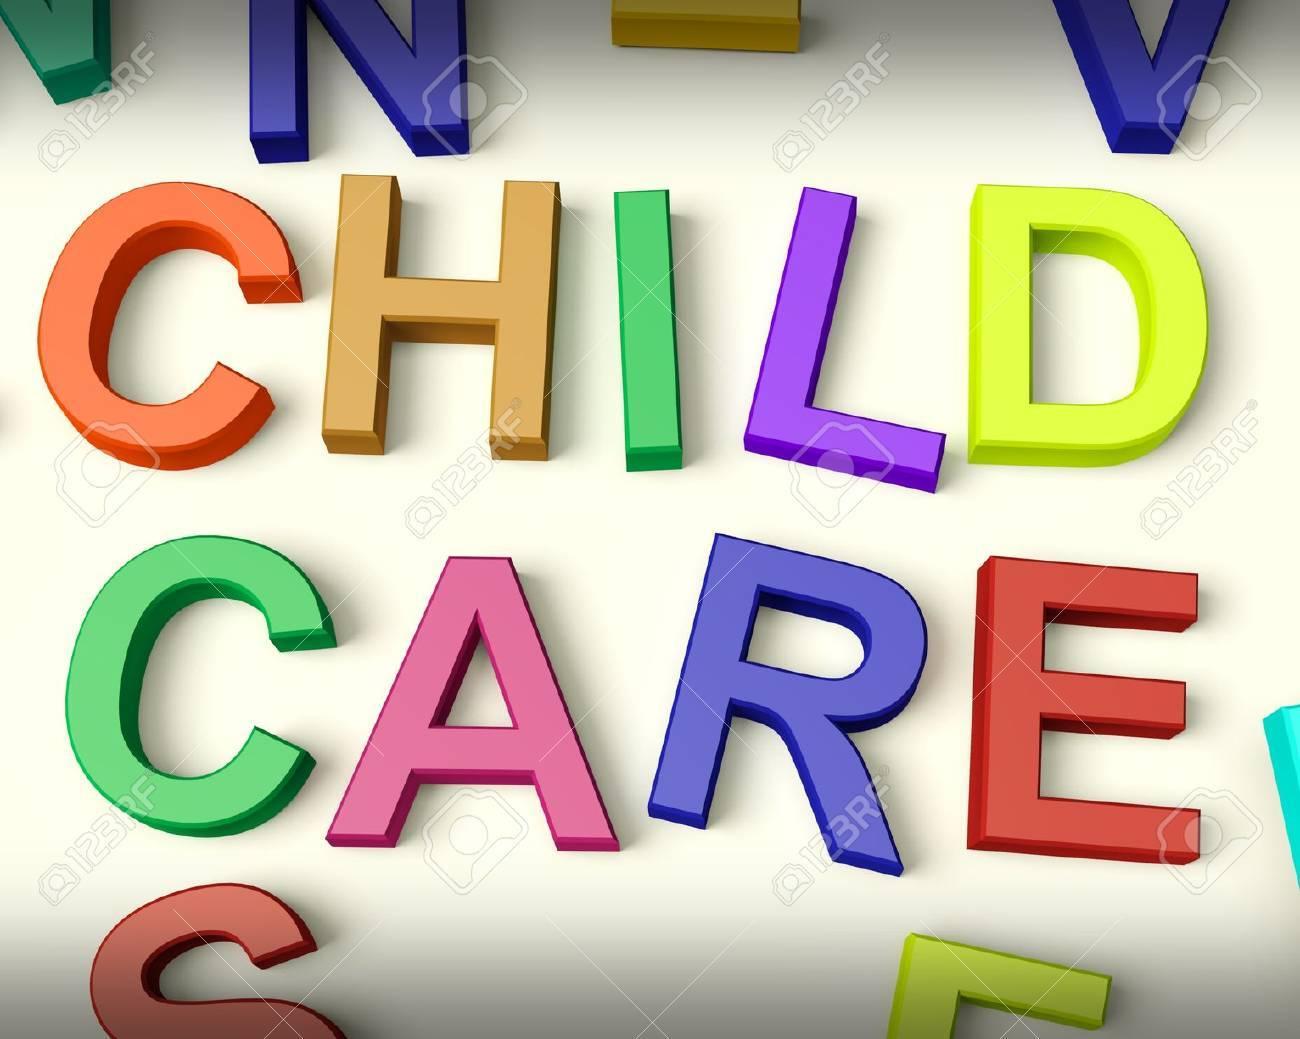 Child Care Written In Multicolored Plastic Kids Letters - 11725519